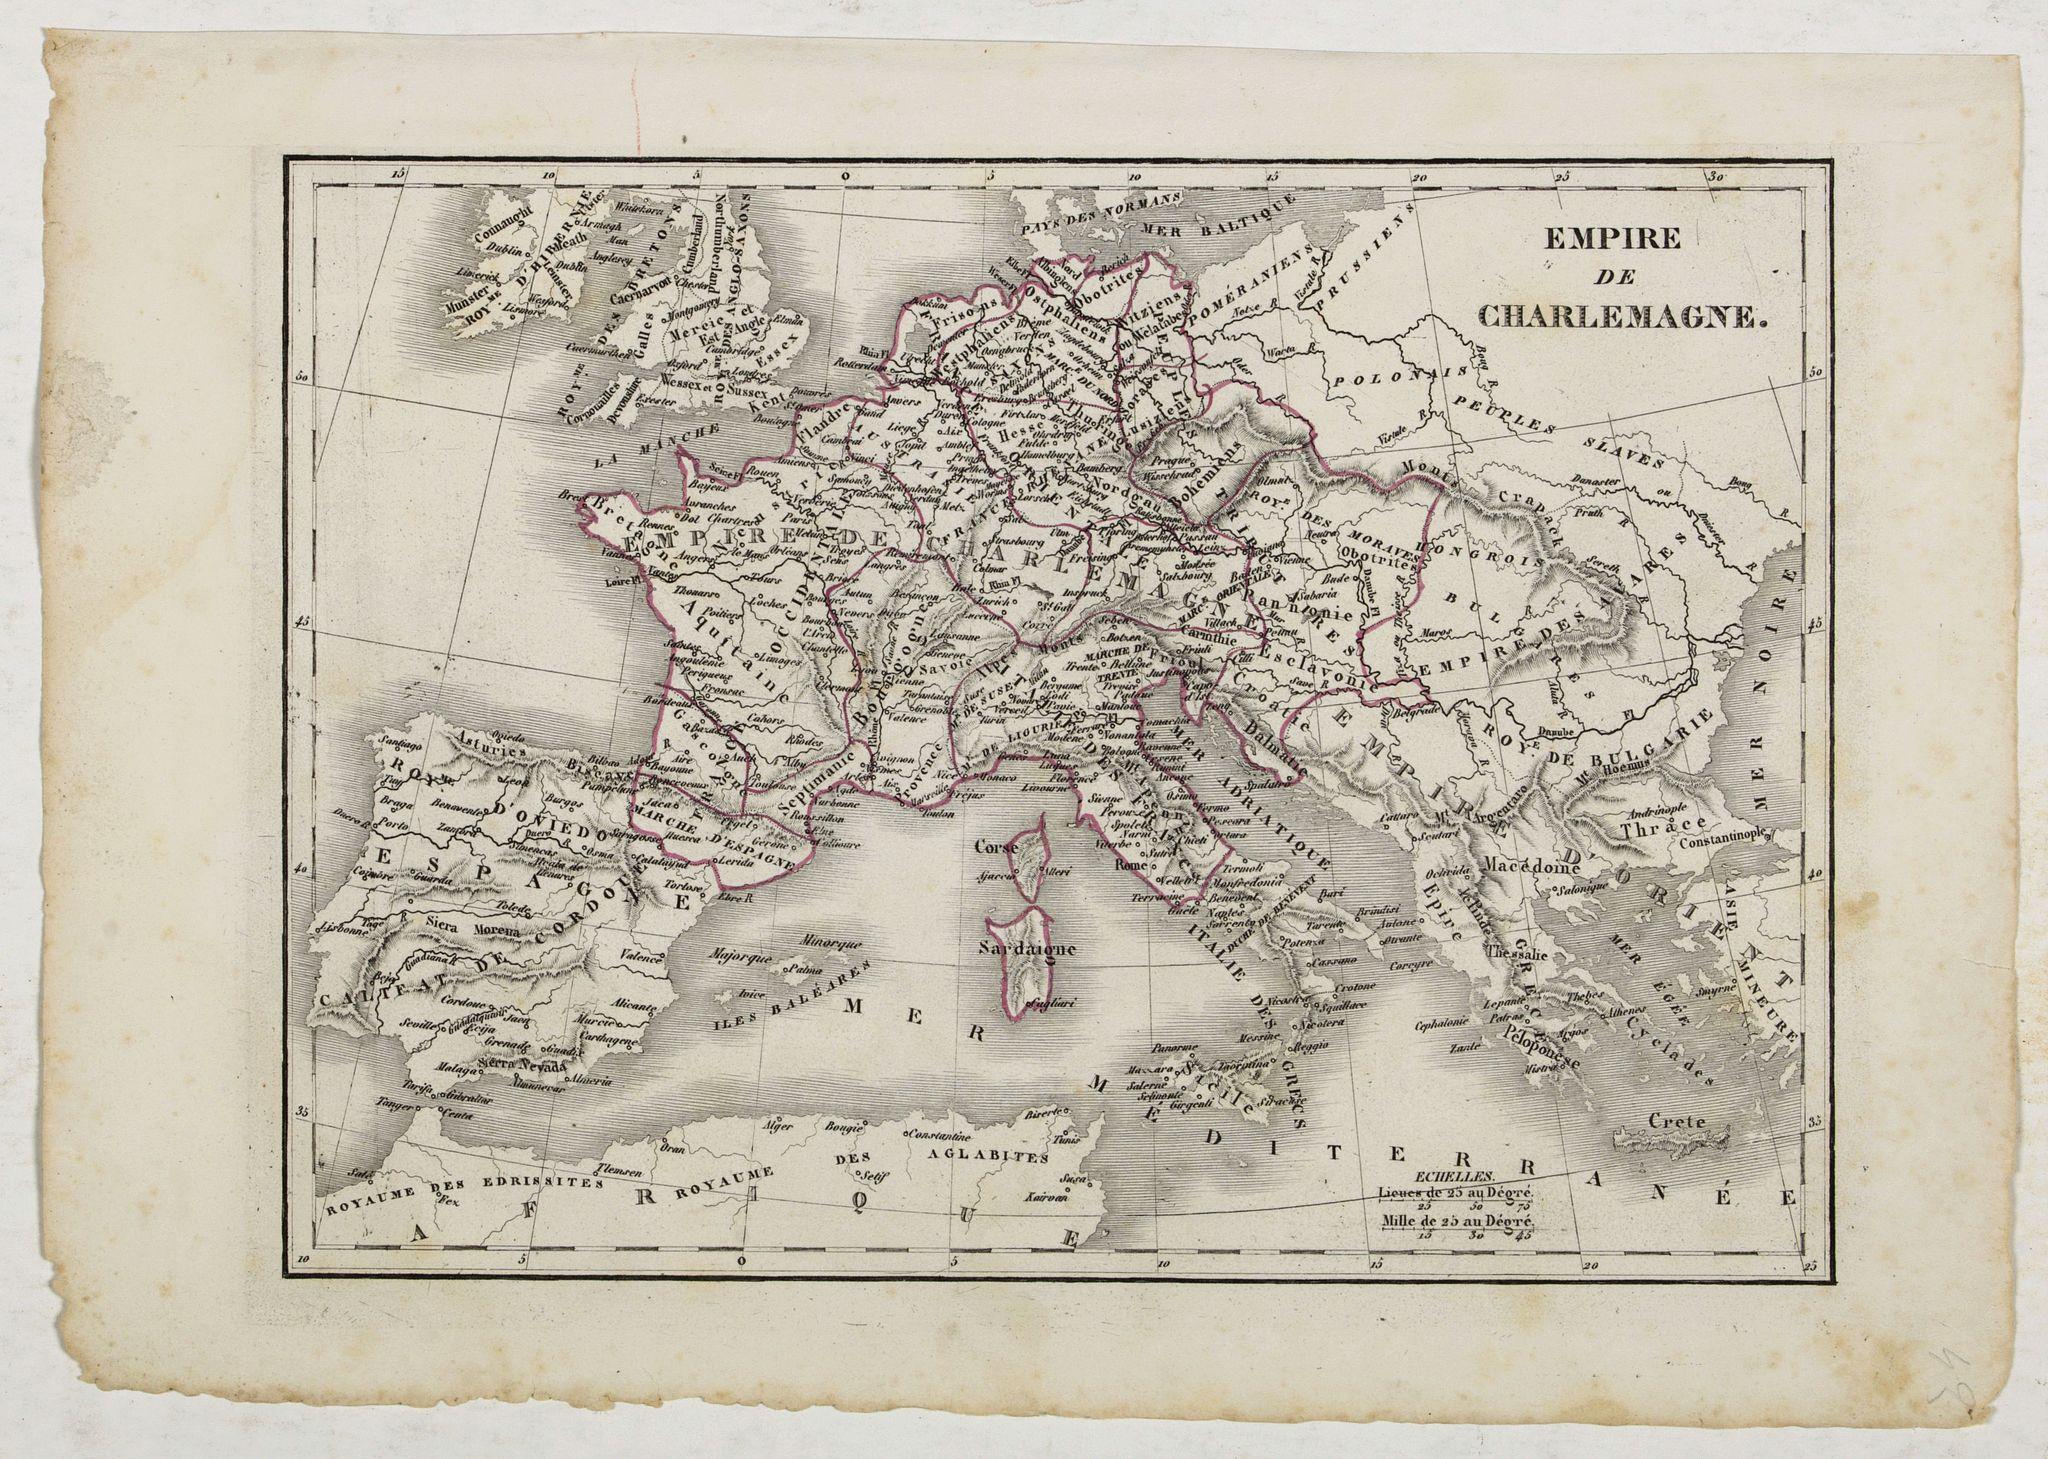 MONIN, C.V. -  Empire de Charlemagne.